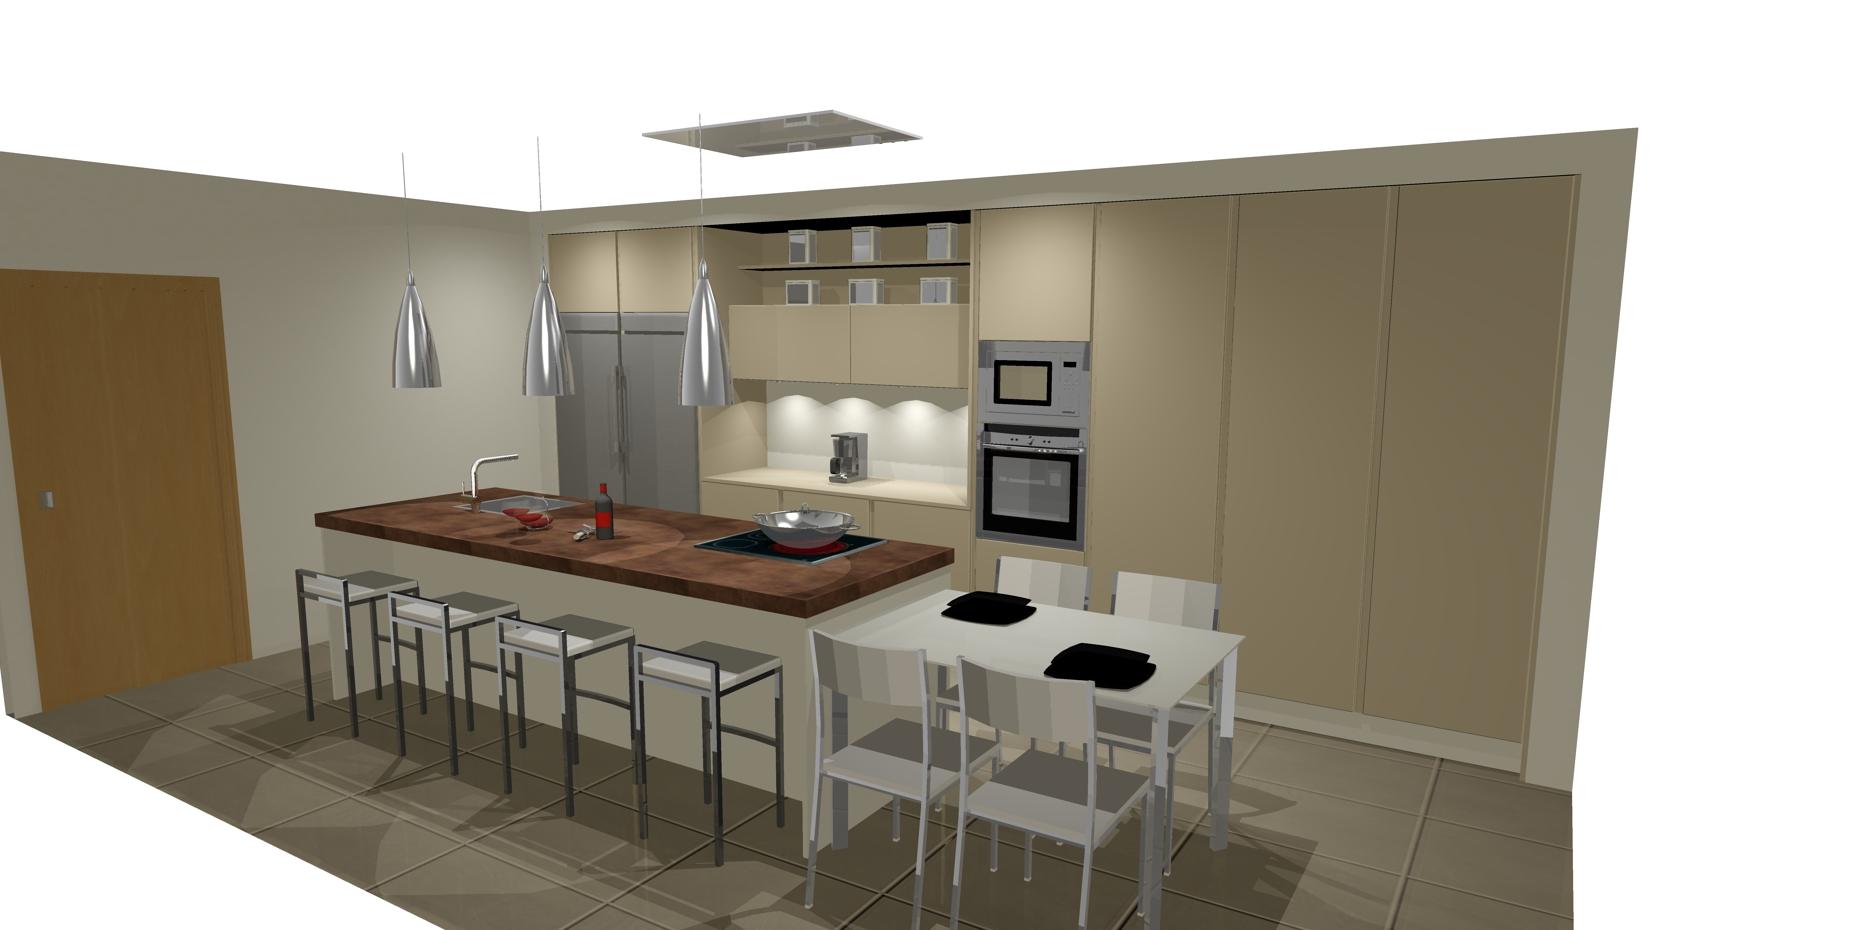 Dise os de cocinas con isla cocinas artnova sevilla - Cocinas de diseno en sevilla ...